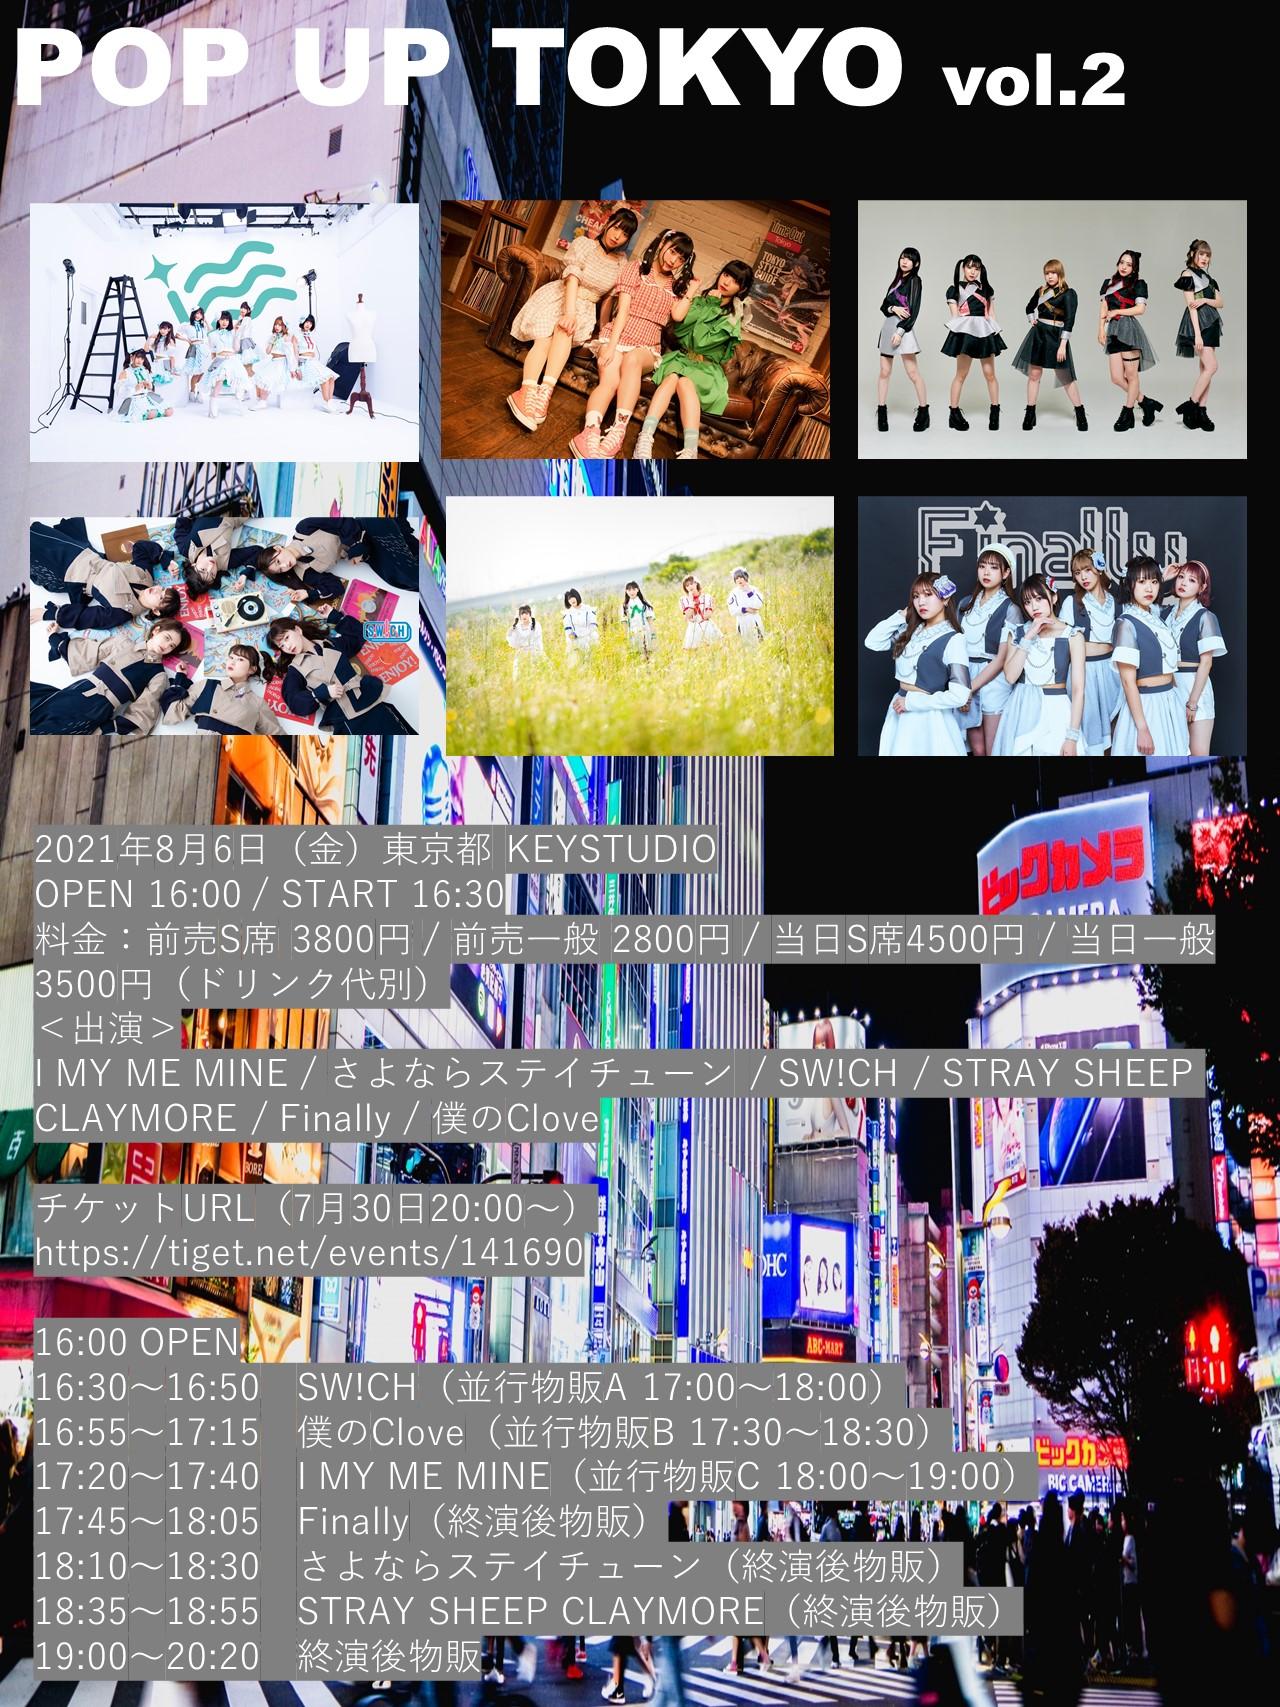 POP UP TOKYO Vol.2